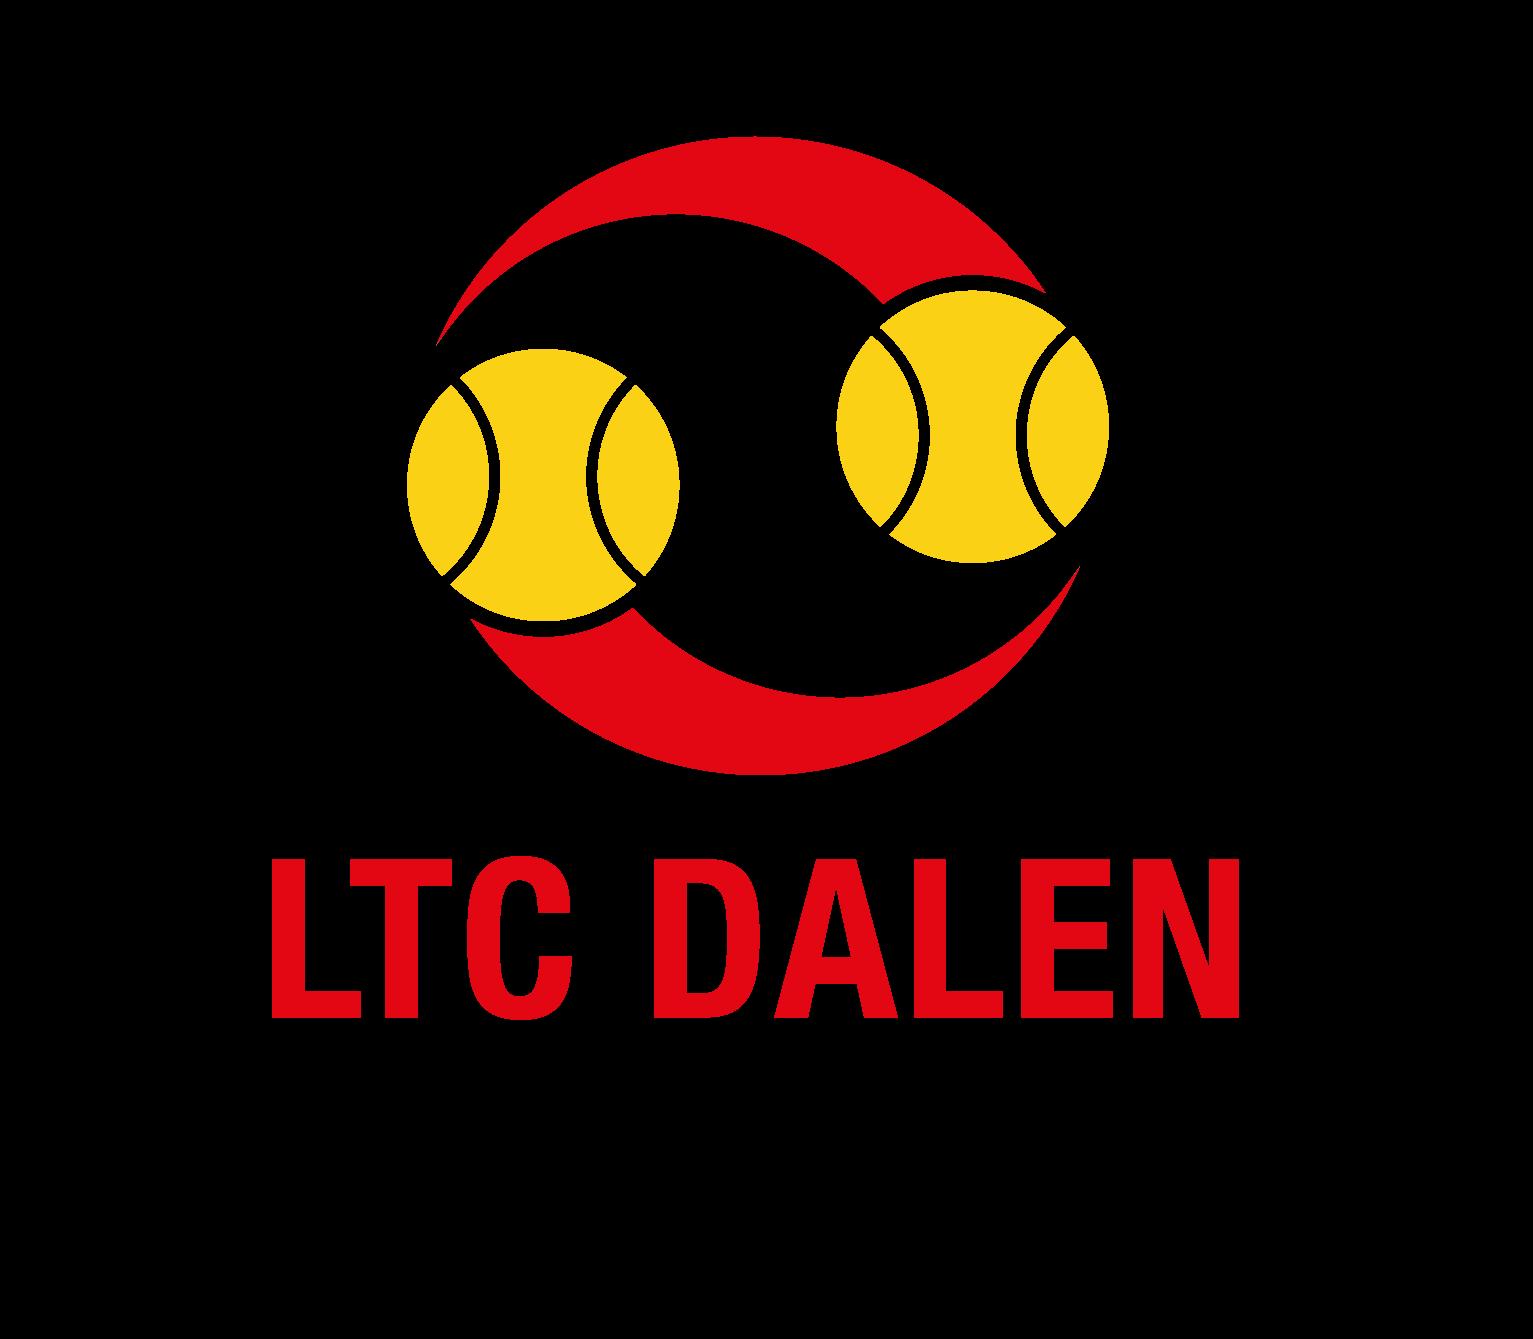 LTC Dalen